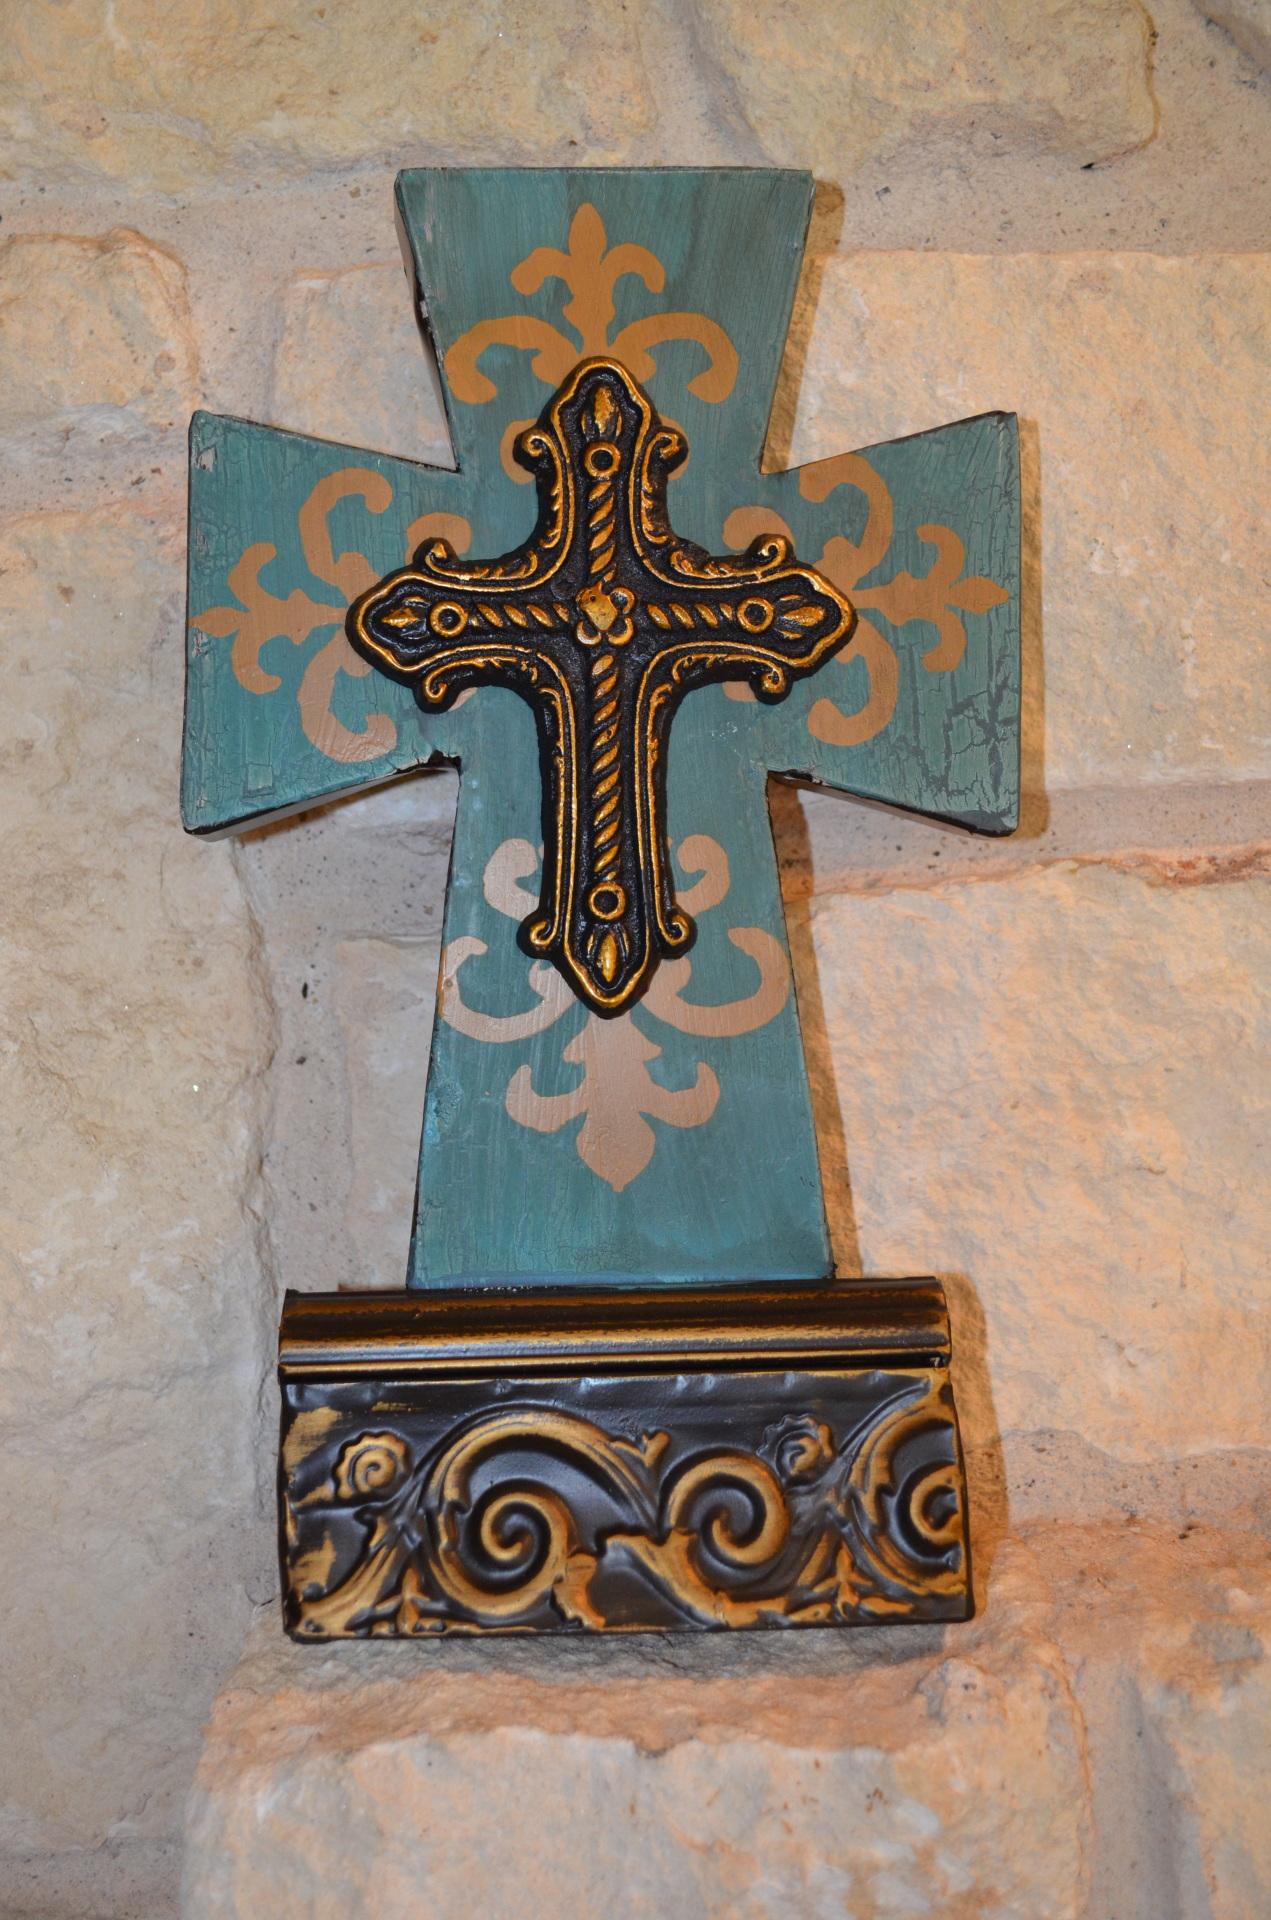 Turquoise cross on Base